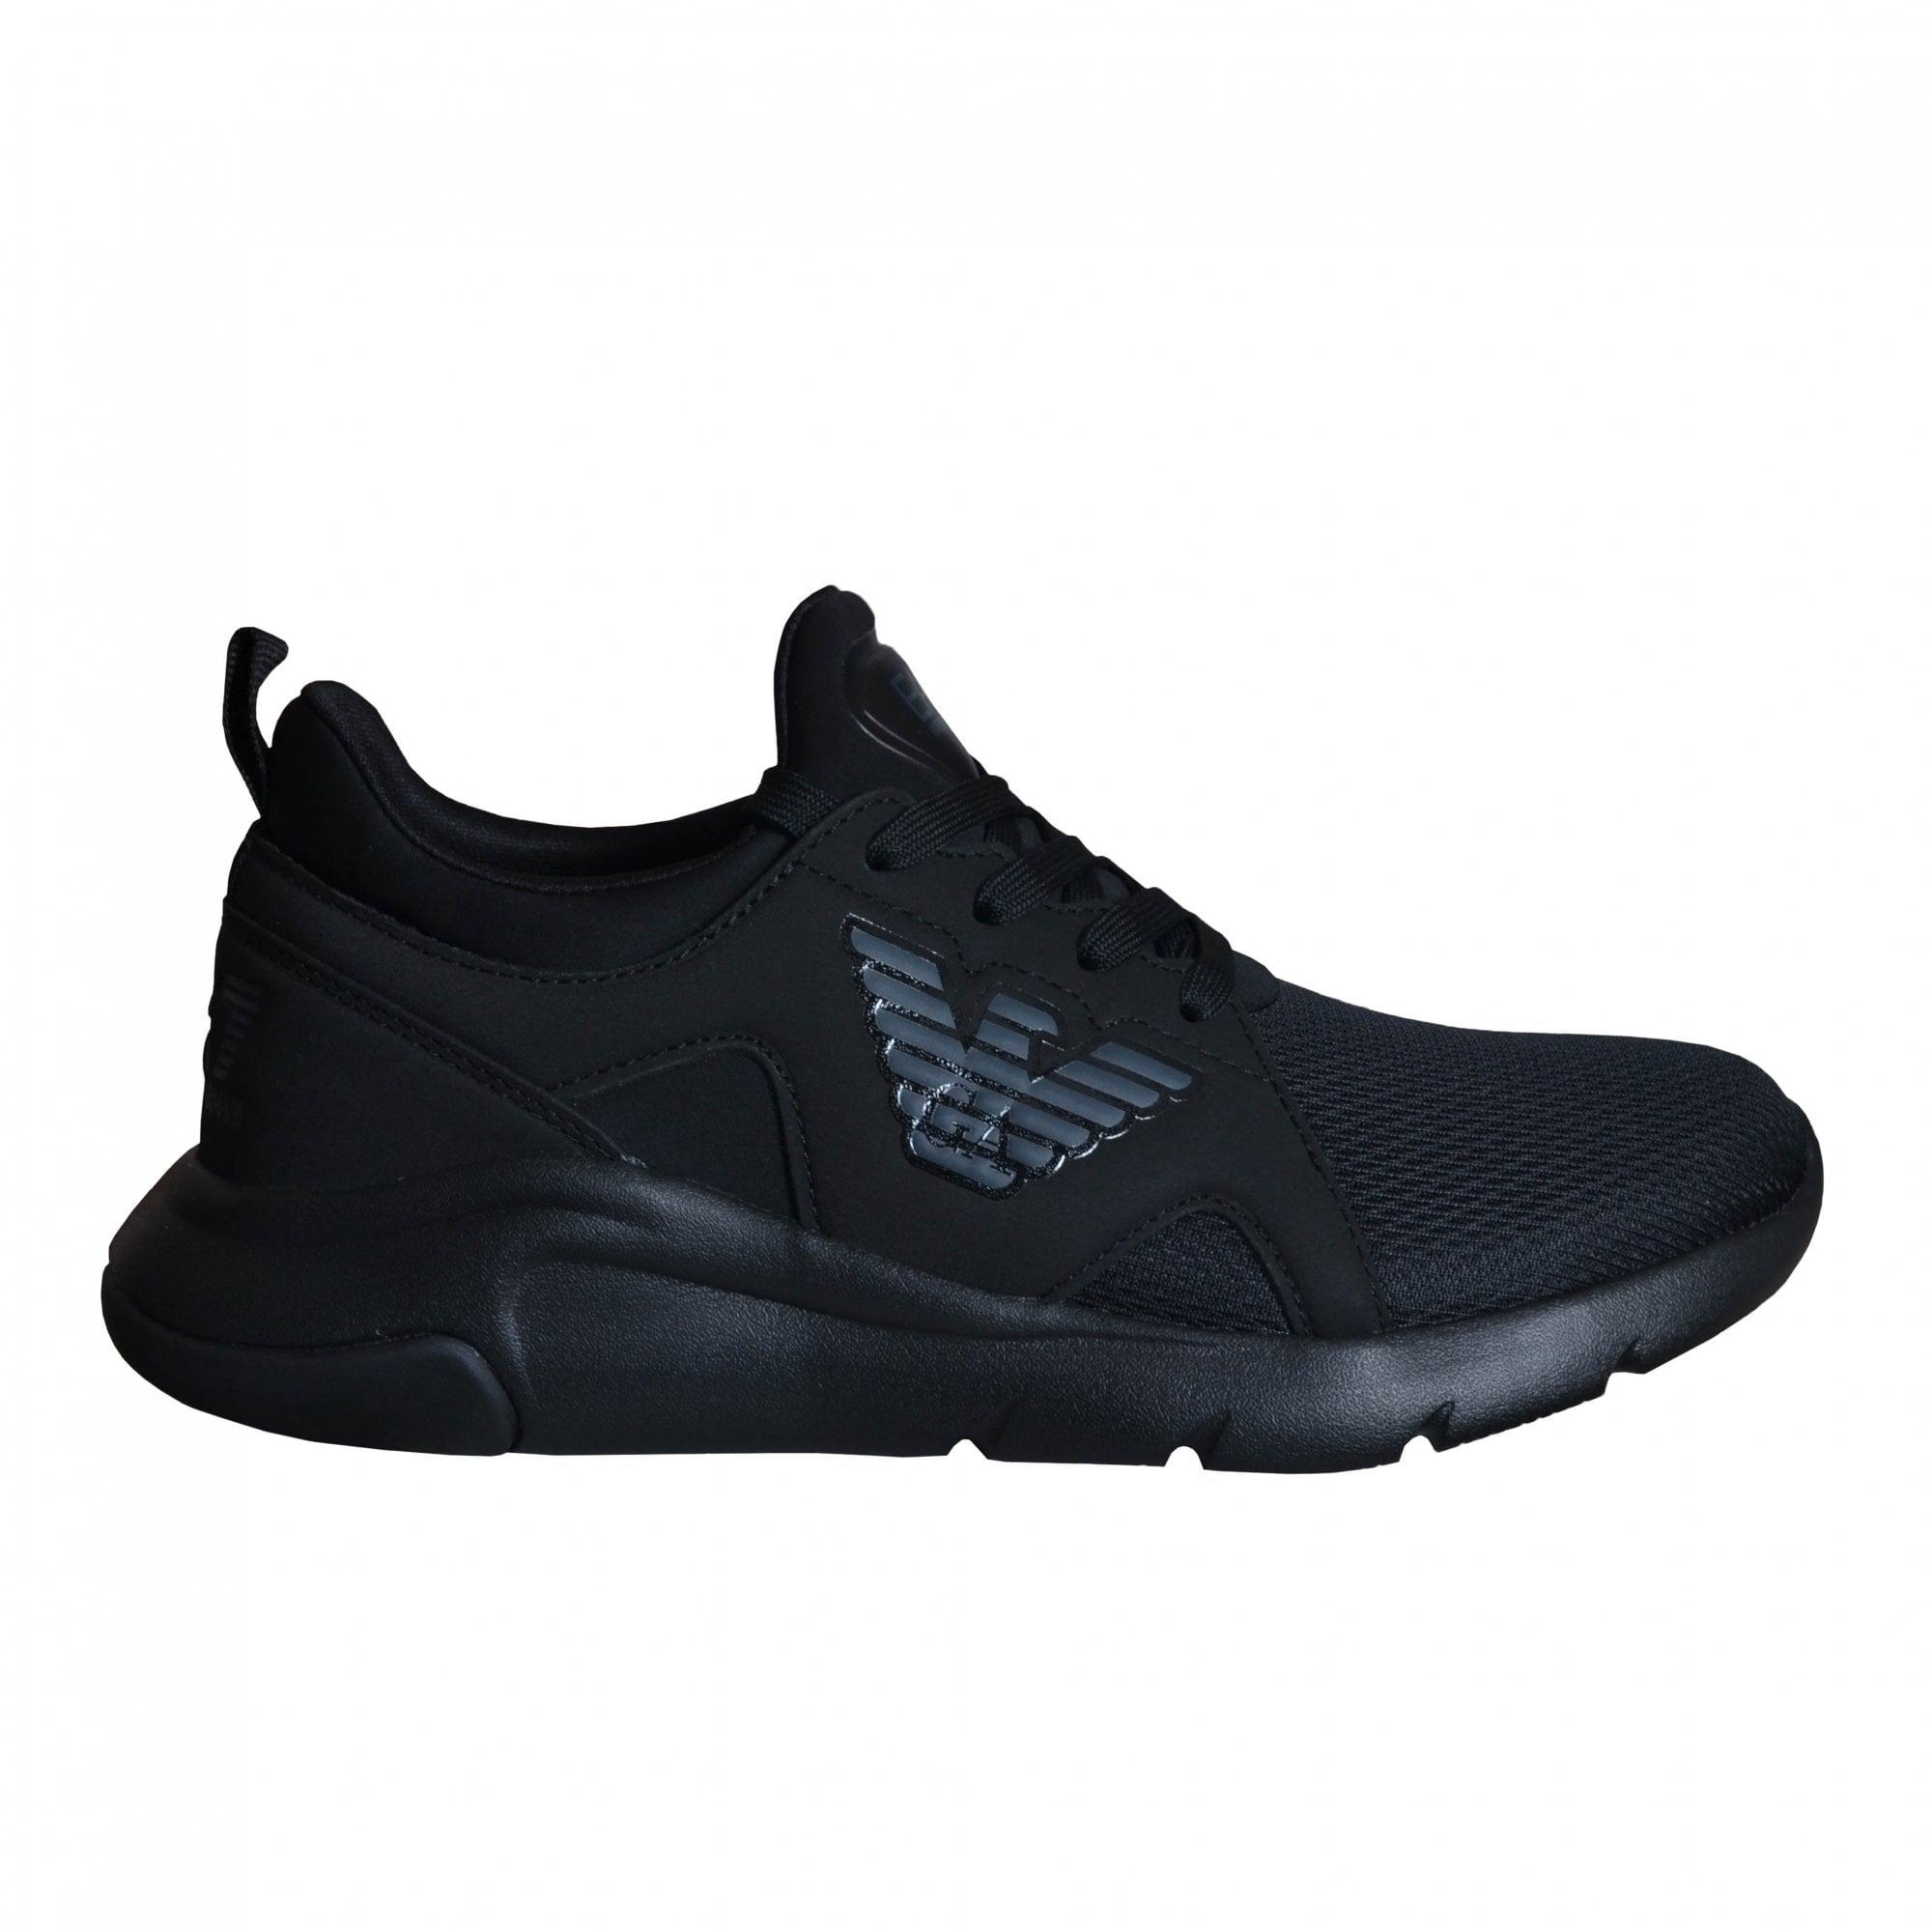 ea7 men's black trainers